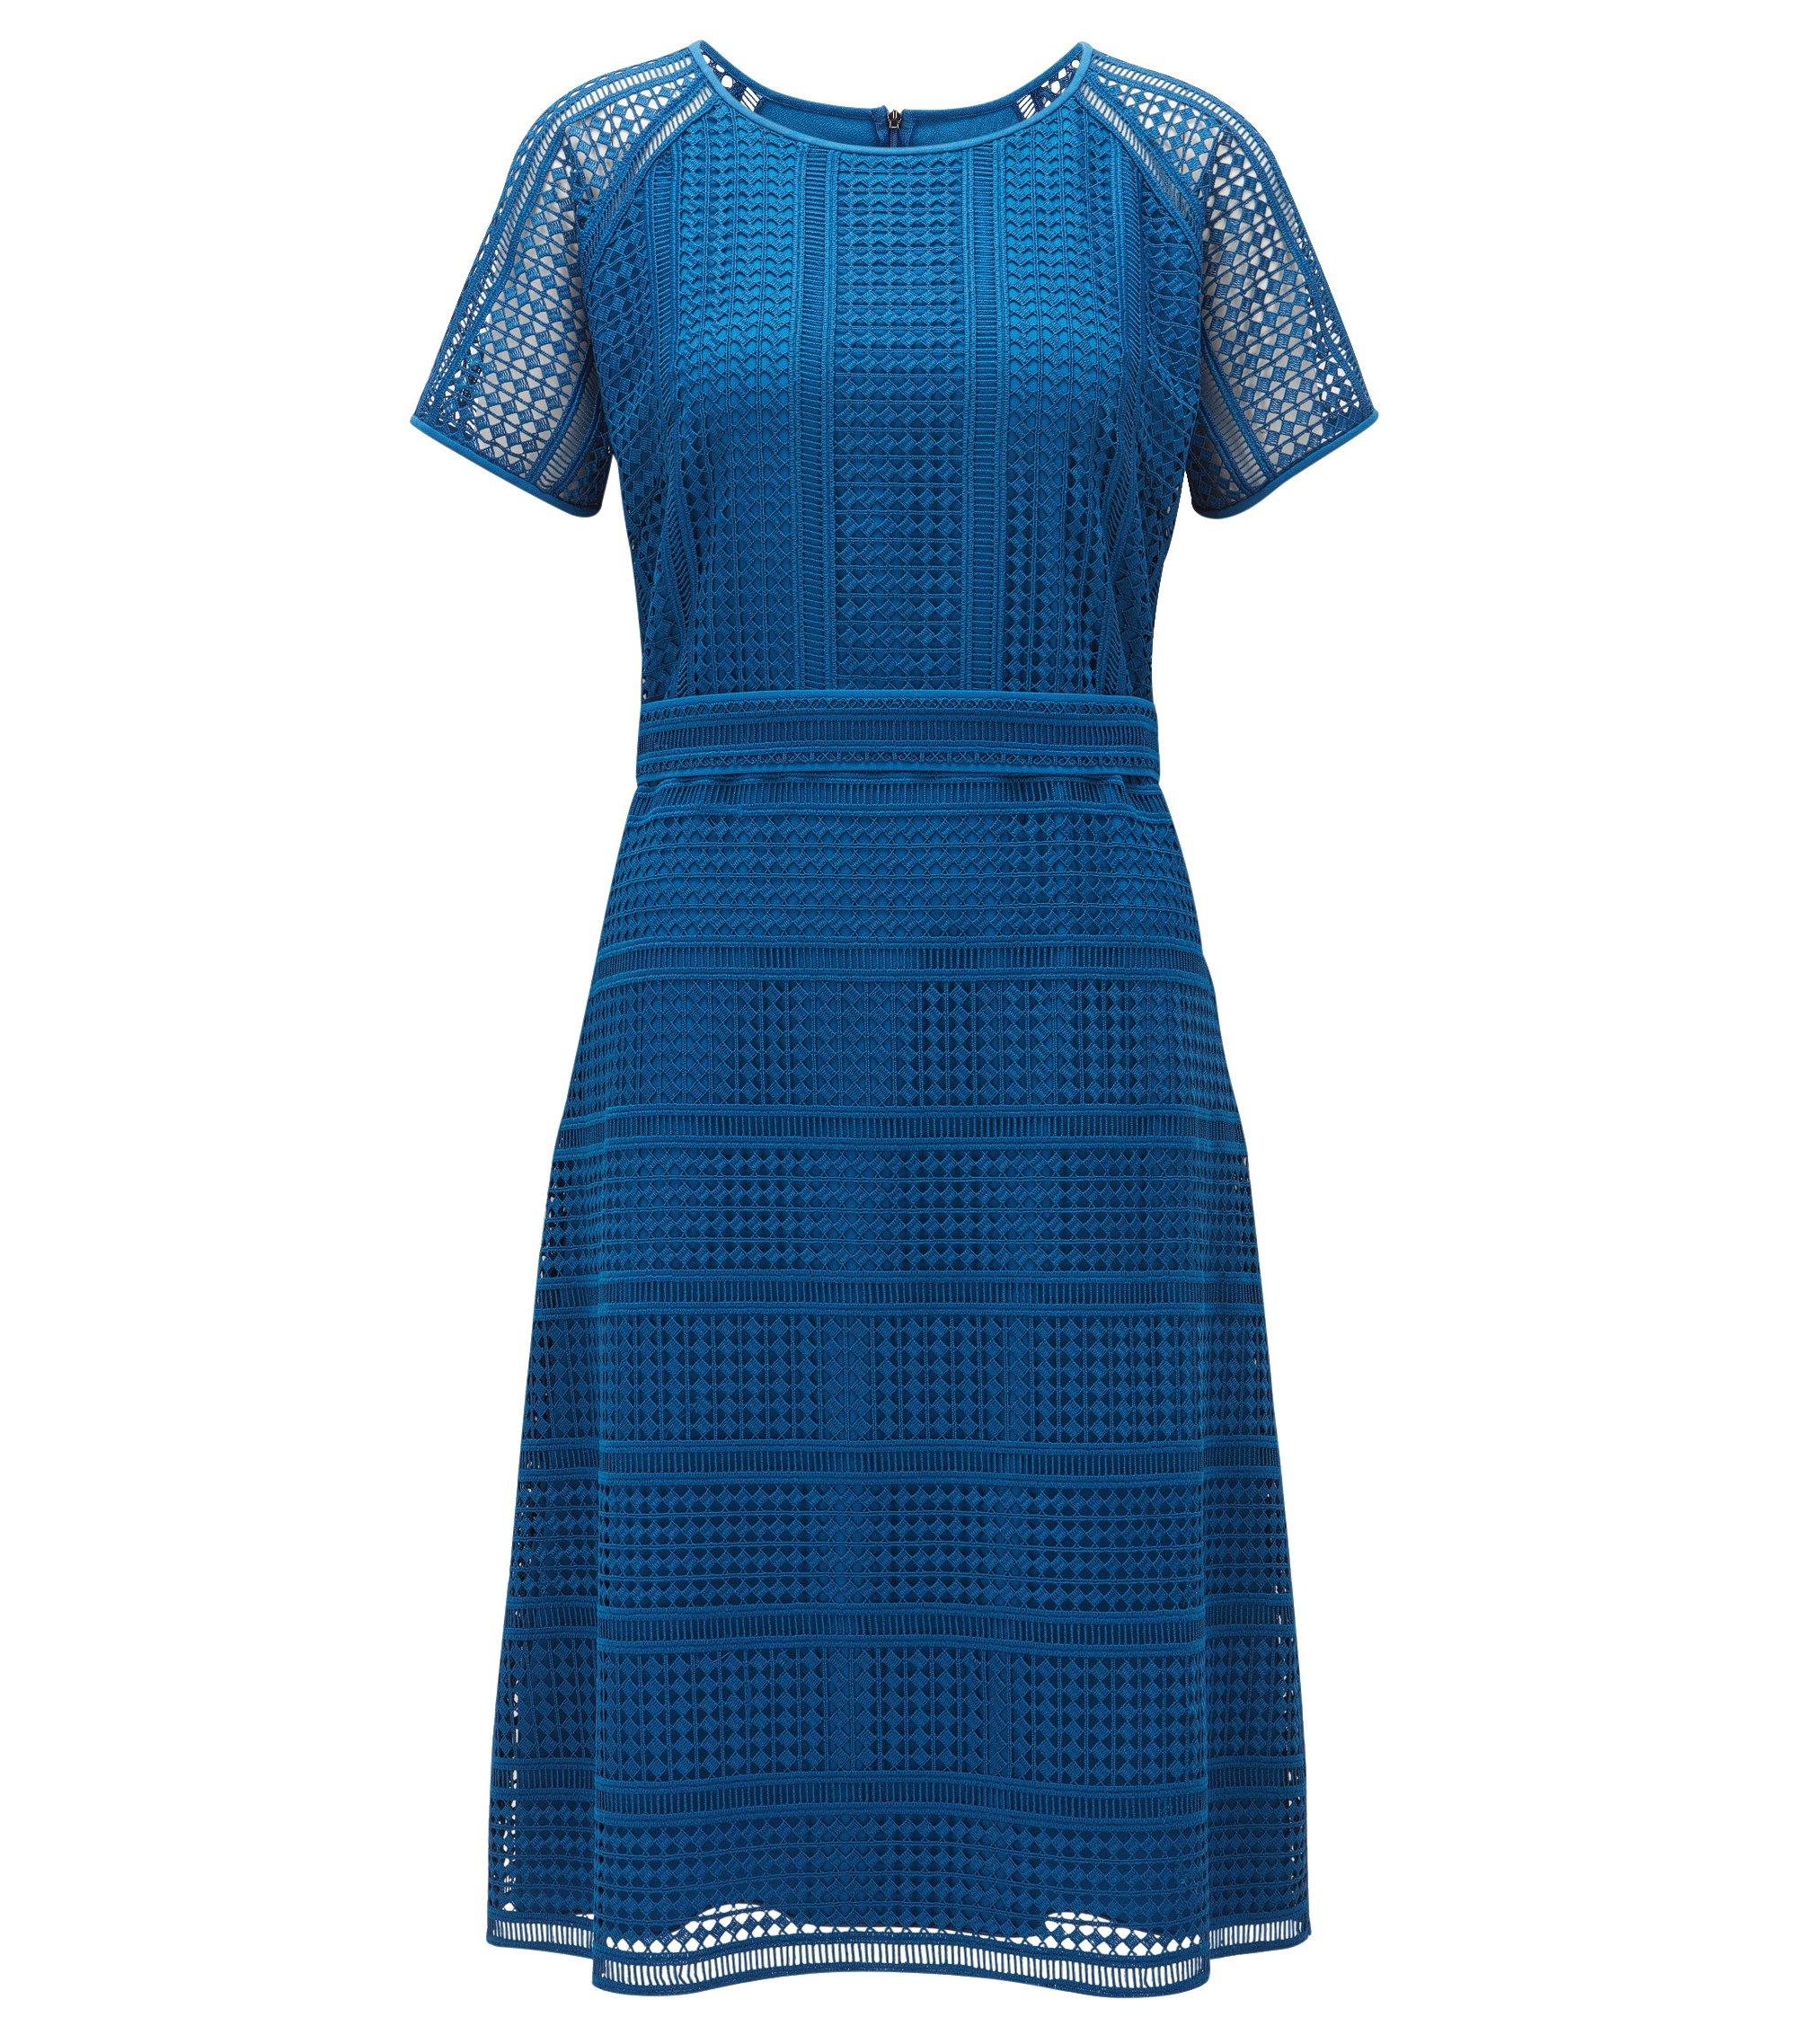 Eyelet Lace Dress | Domaro, Blue